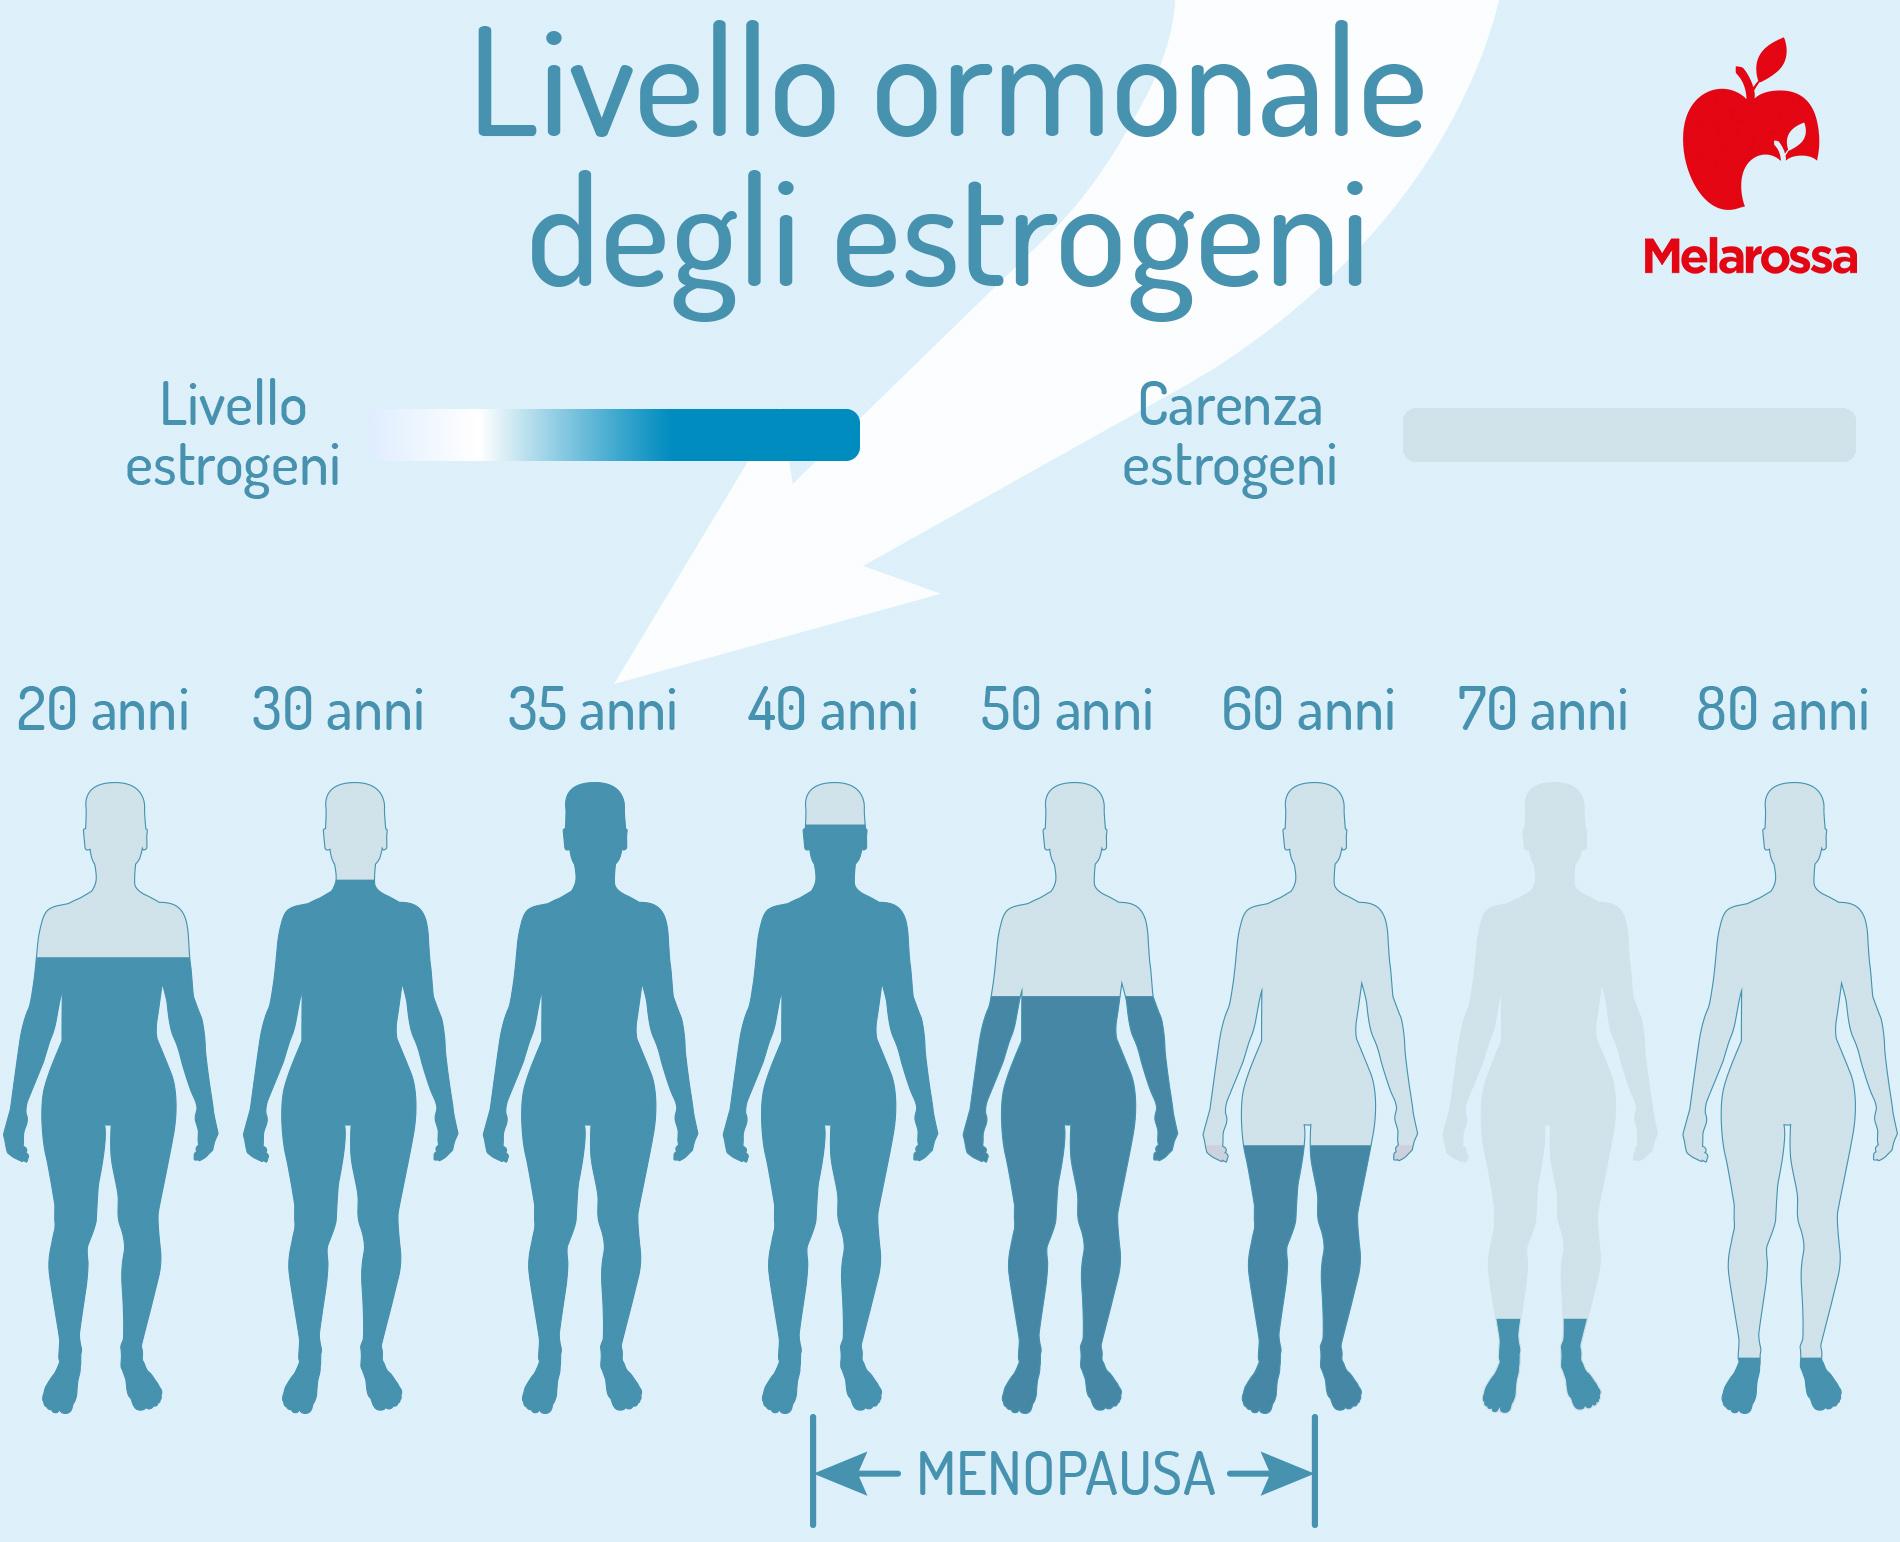 estrogeni livello ormonale